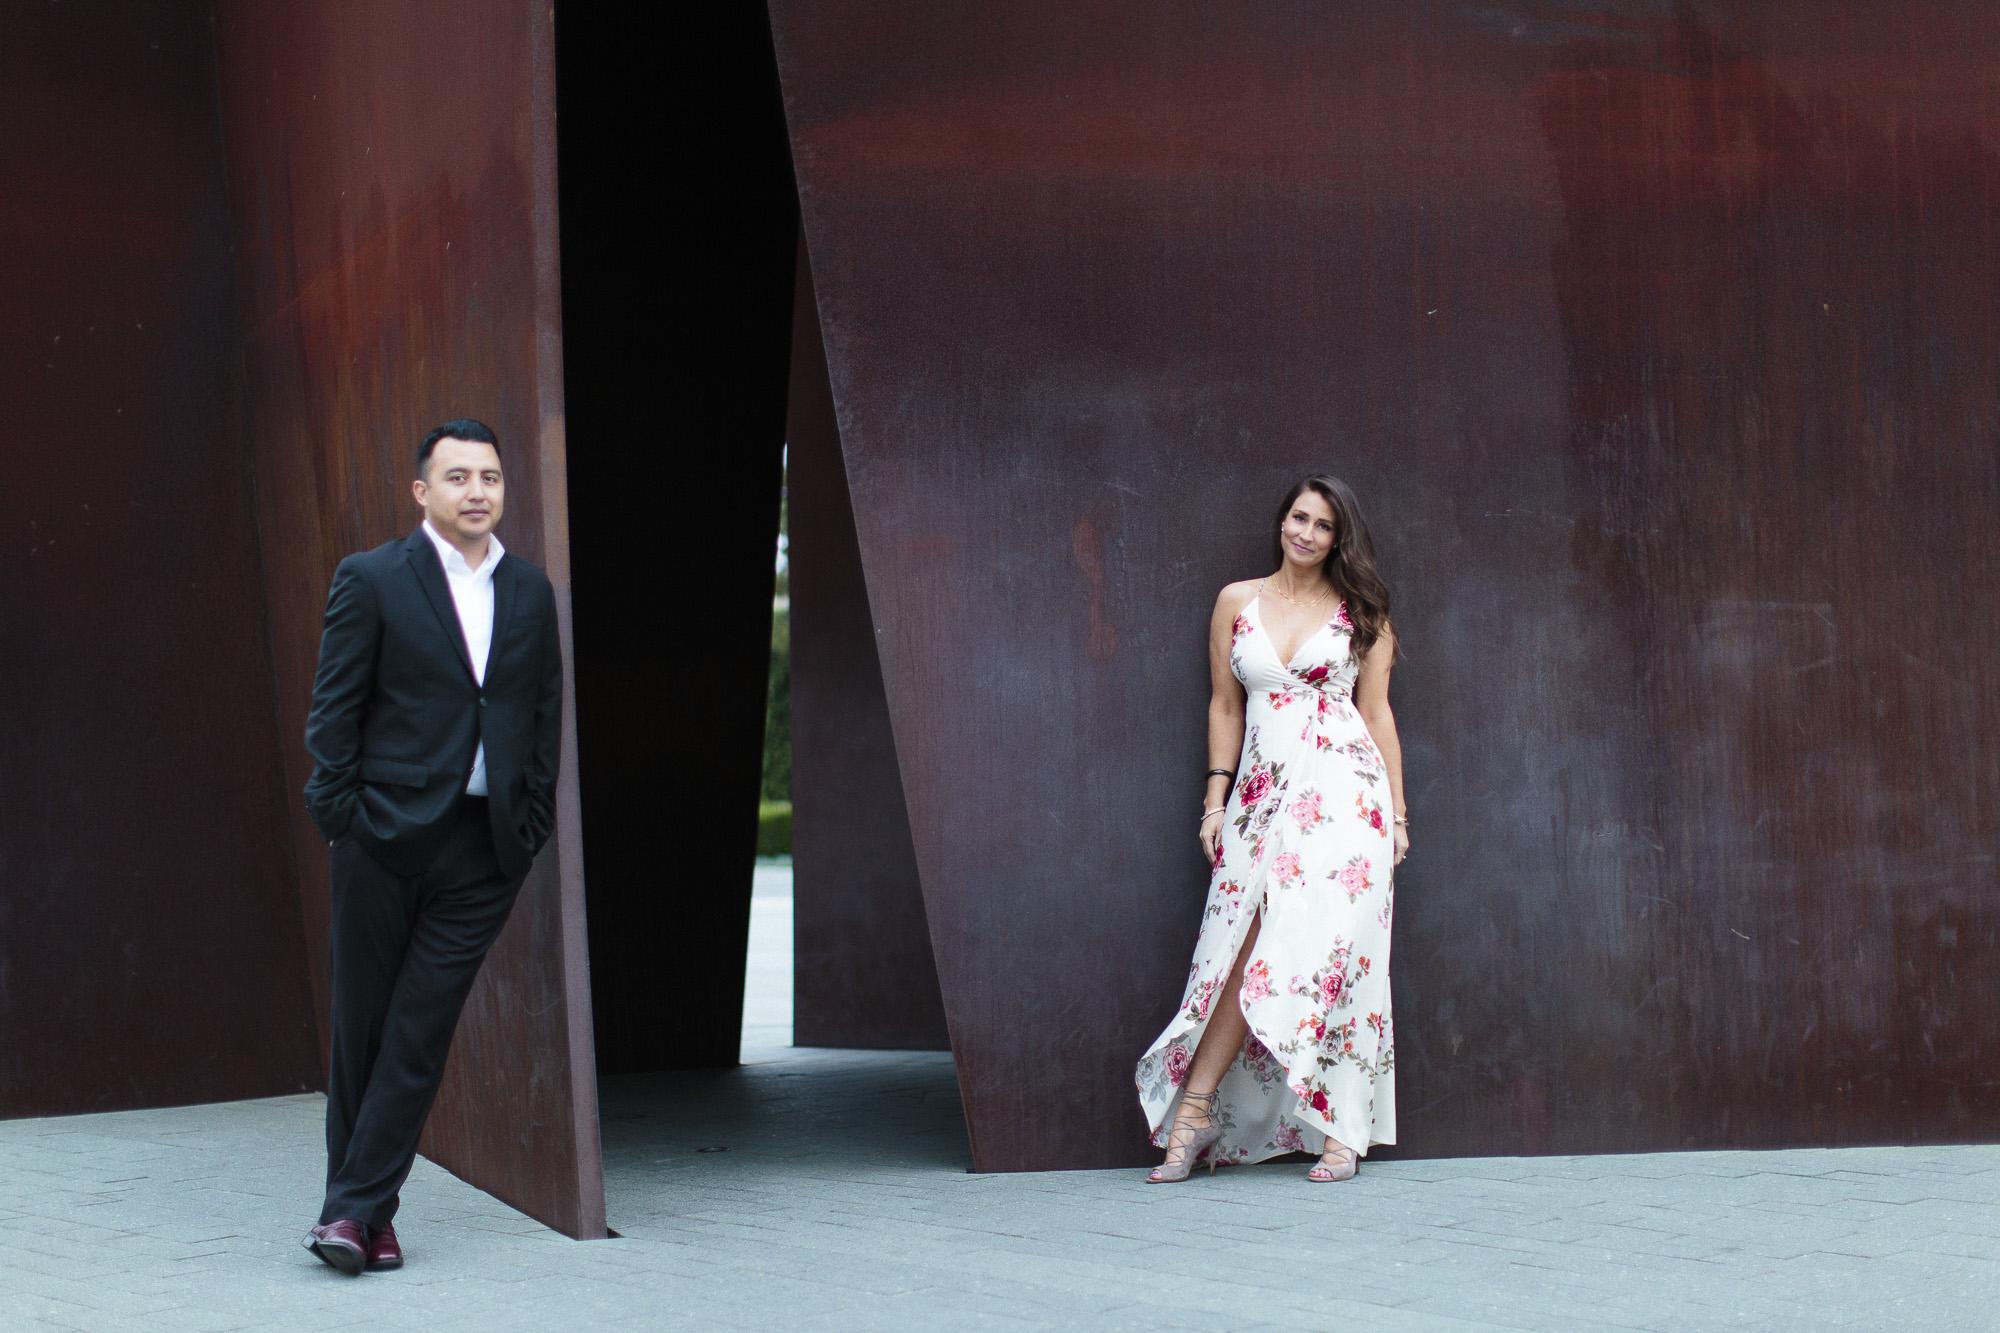 160516_Lori+Juan_0729-Edit.jpg